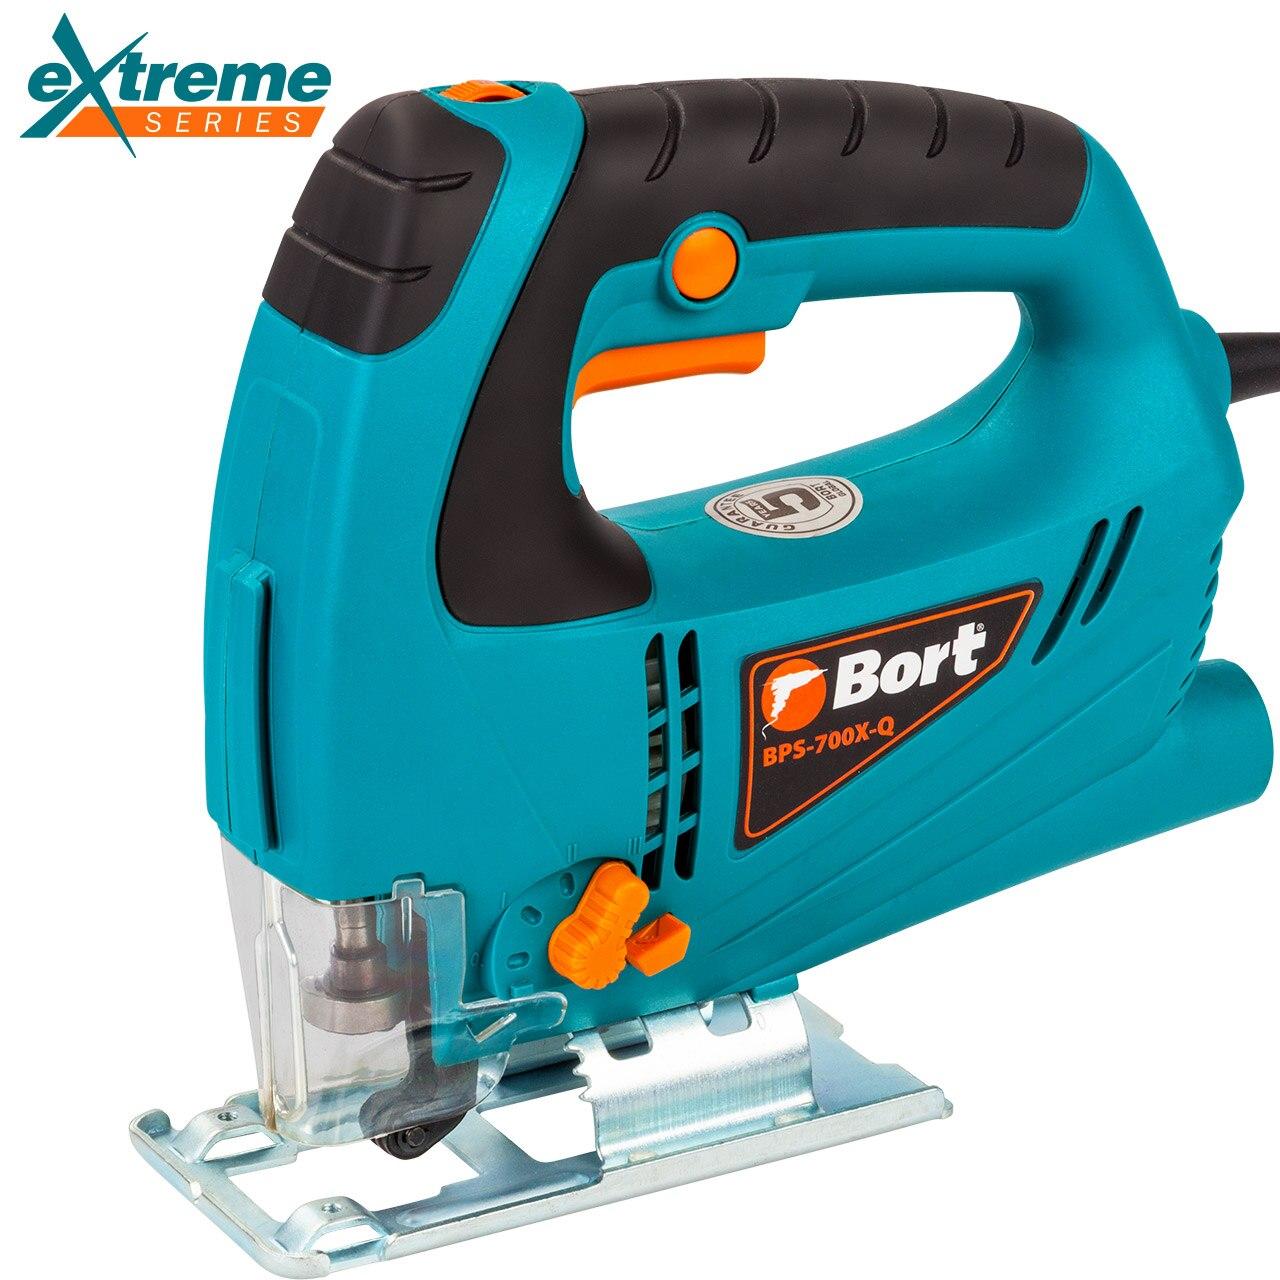 Jig Saw electric Bort BPS-700X-Q jig saw bort bps 900x qlt